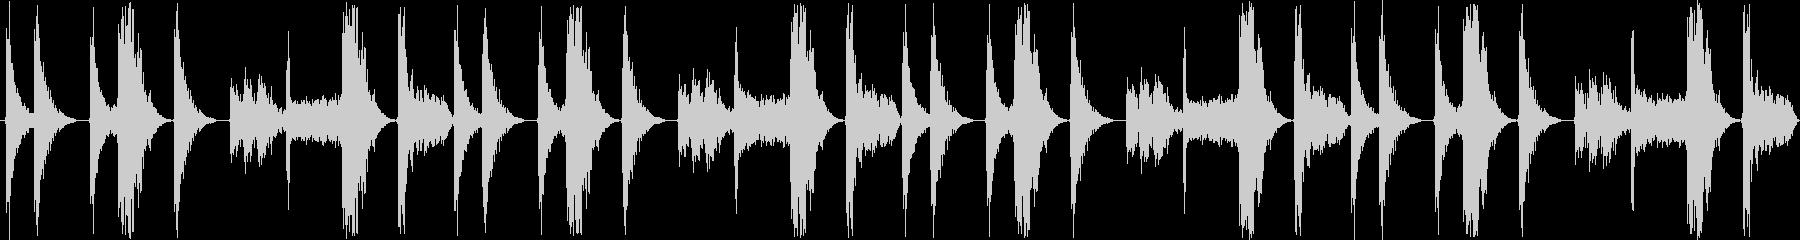 【シンキングタイム/ハウスドラムロール】の未再生の波形